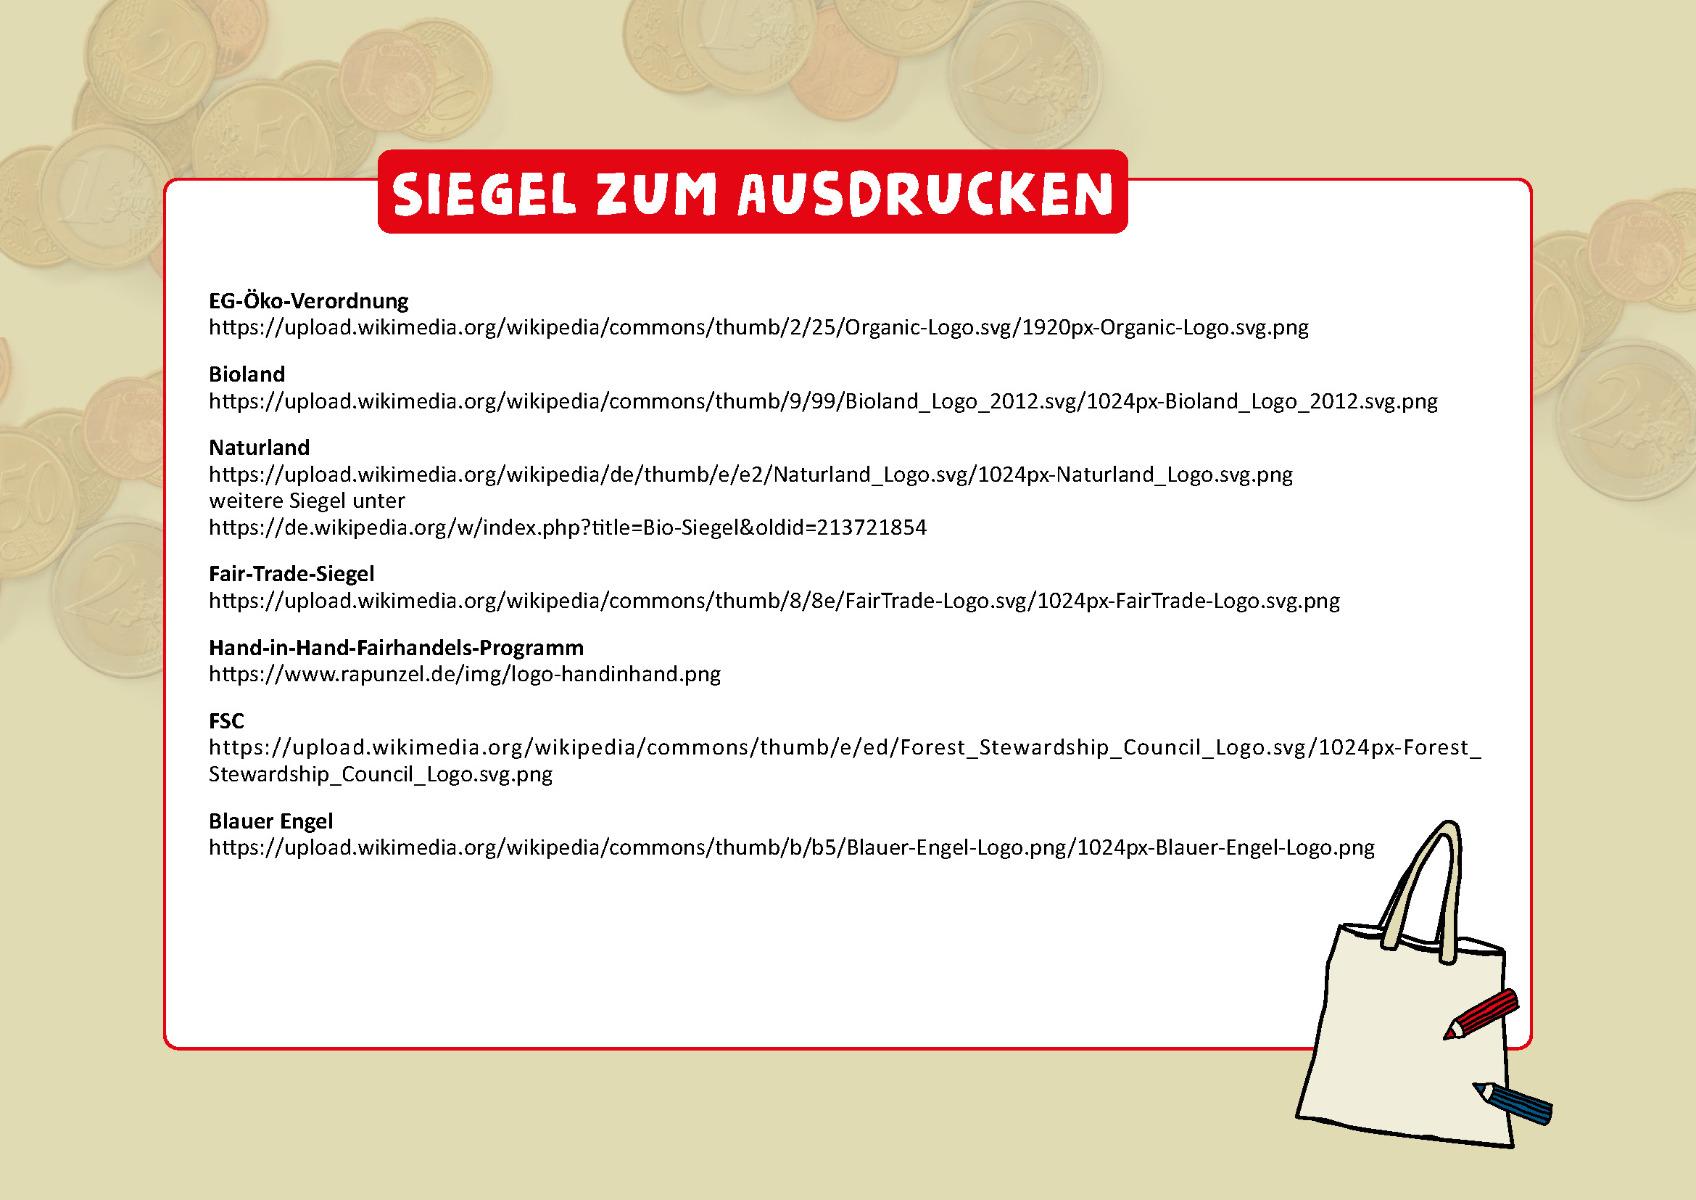 Druckvorlage_Siegel